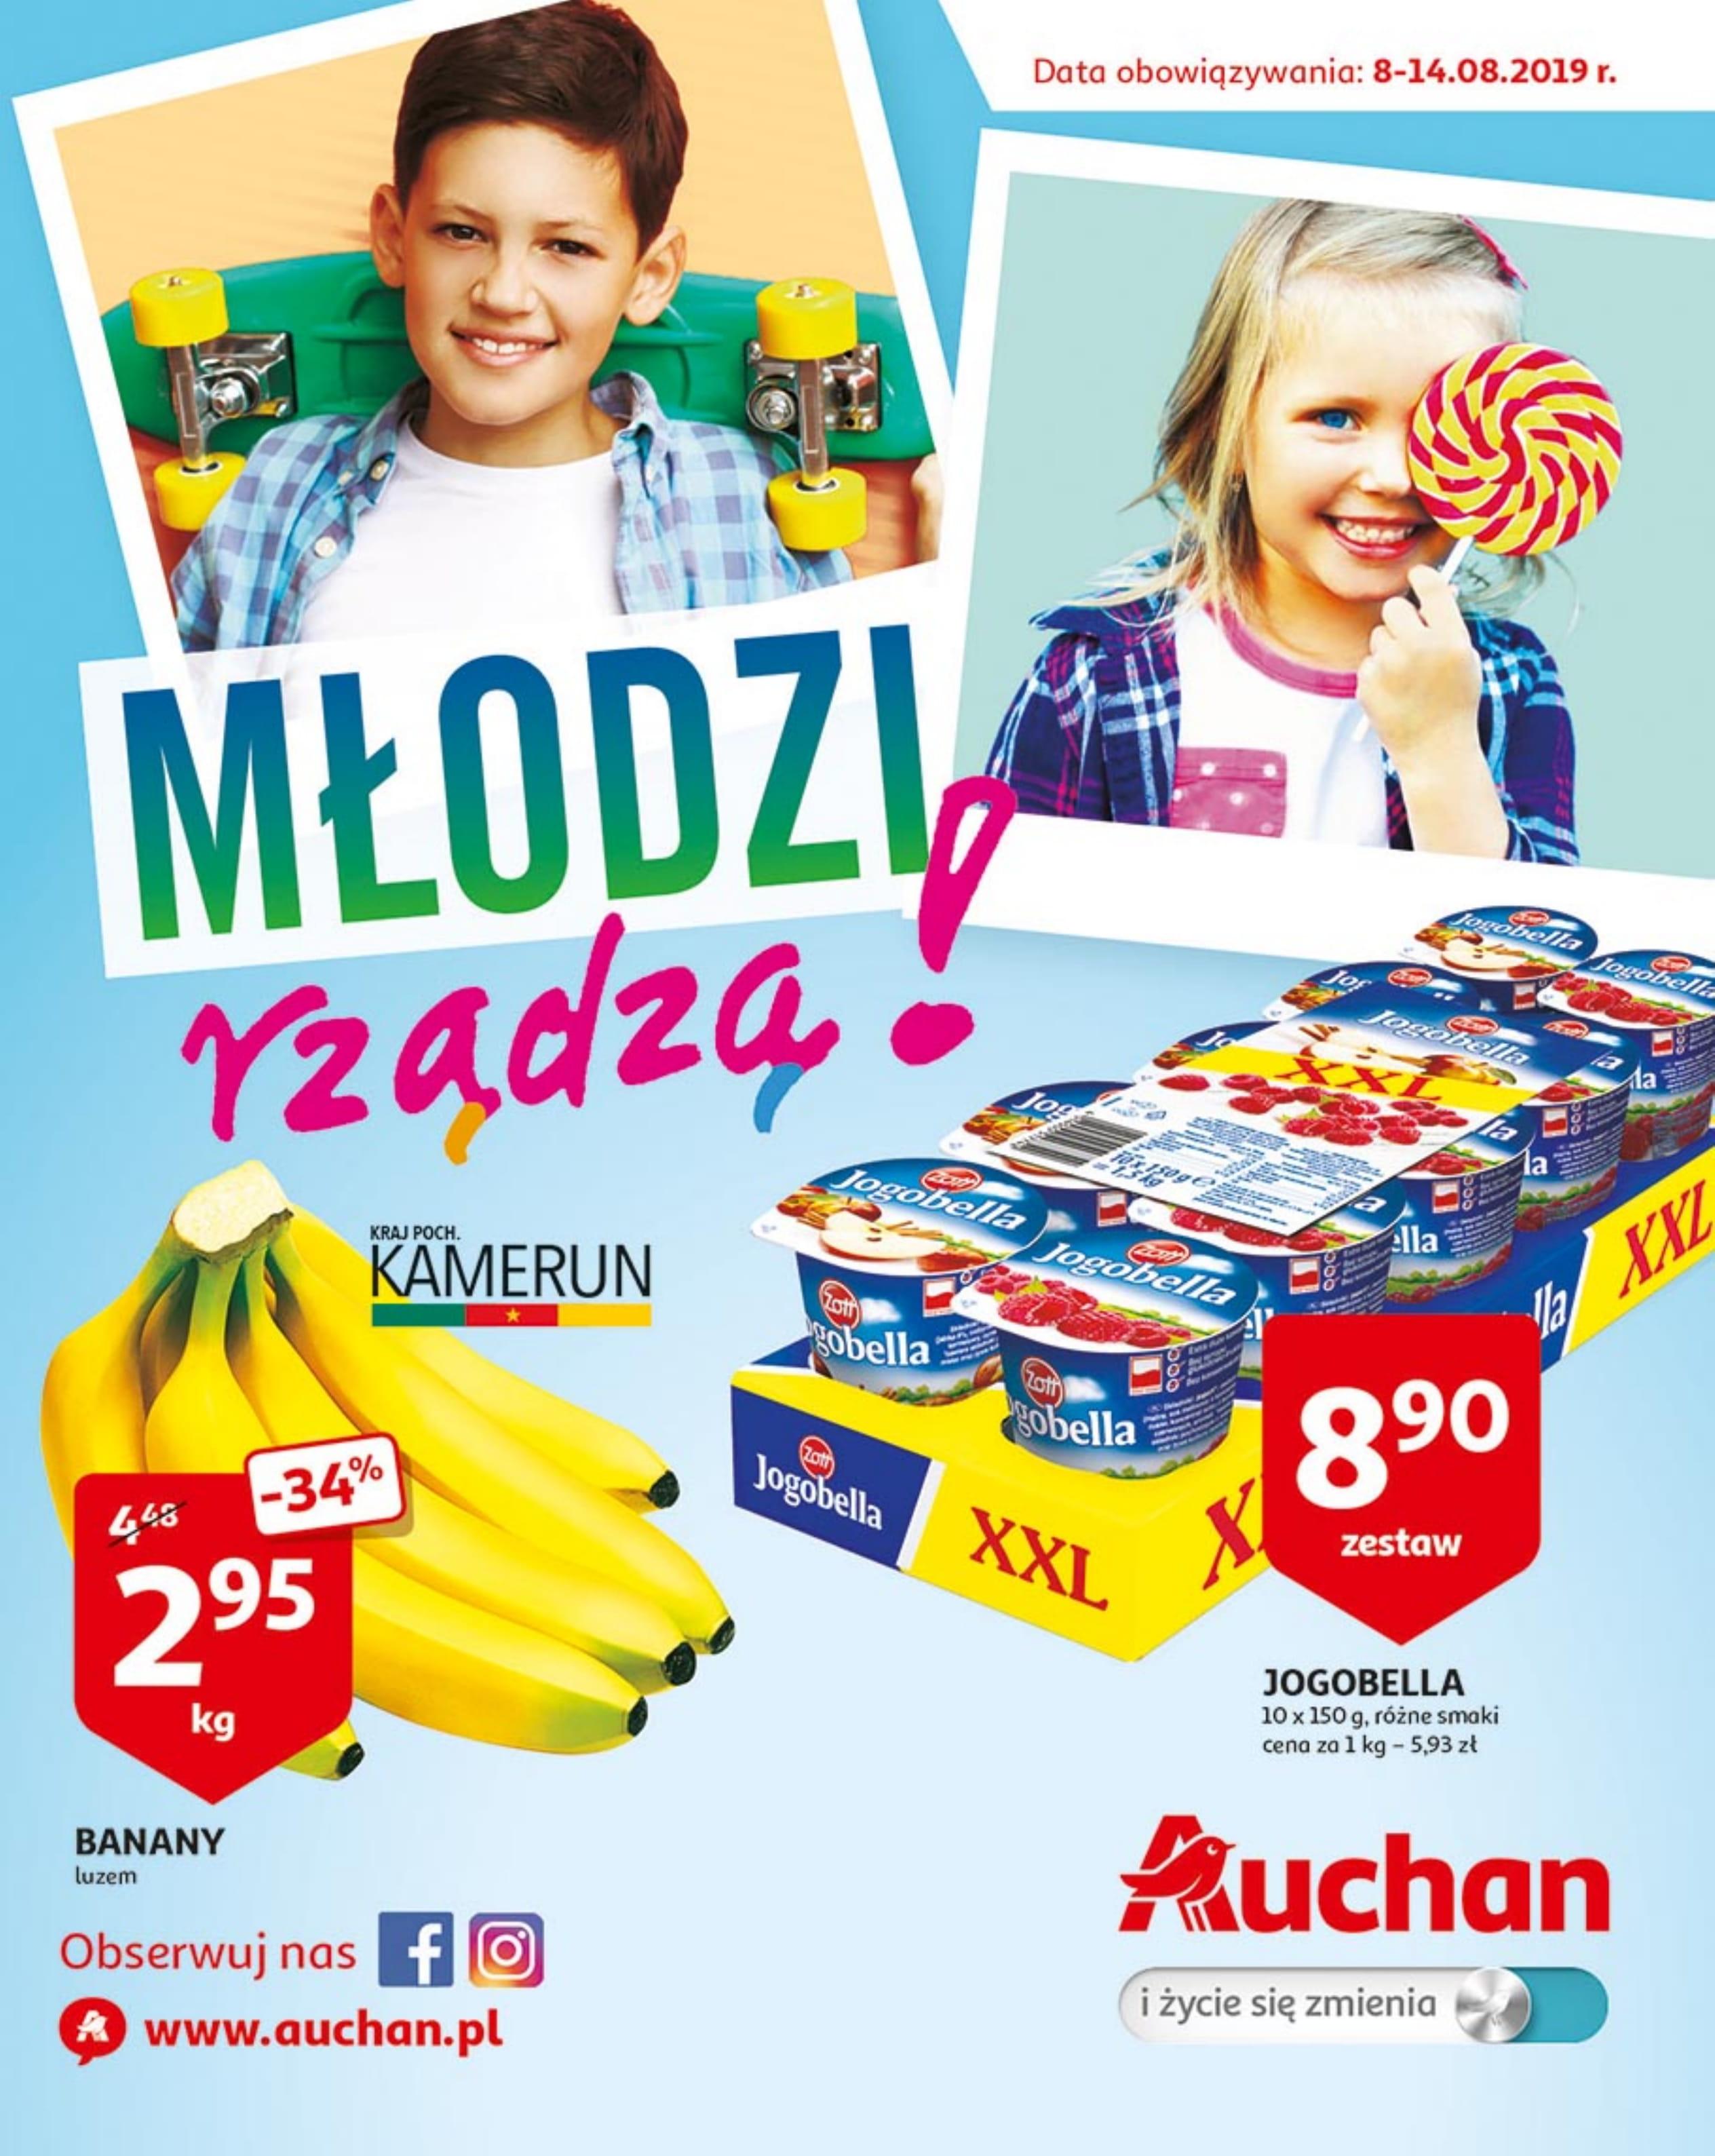 Auchan: Młodzi rządzą! Od 08.08.2019 do 14.08.2019